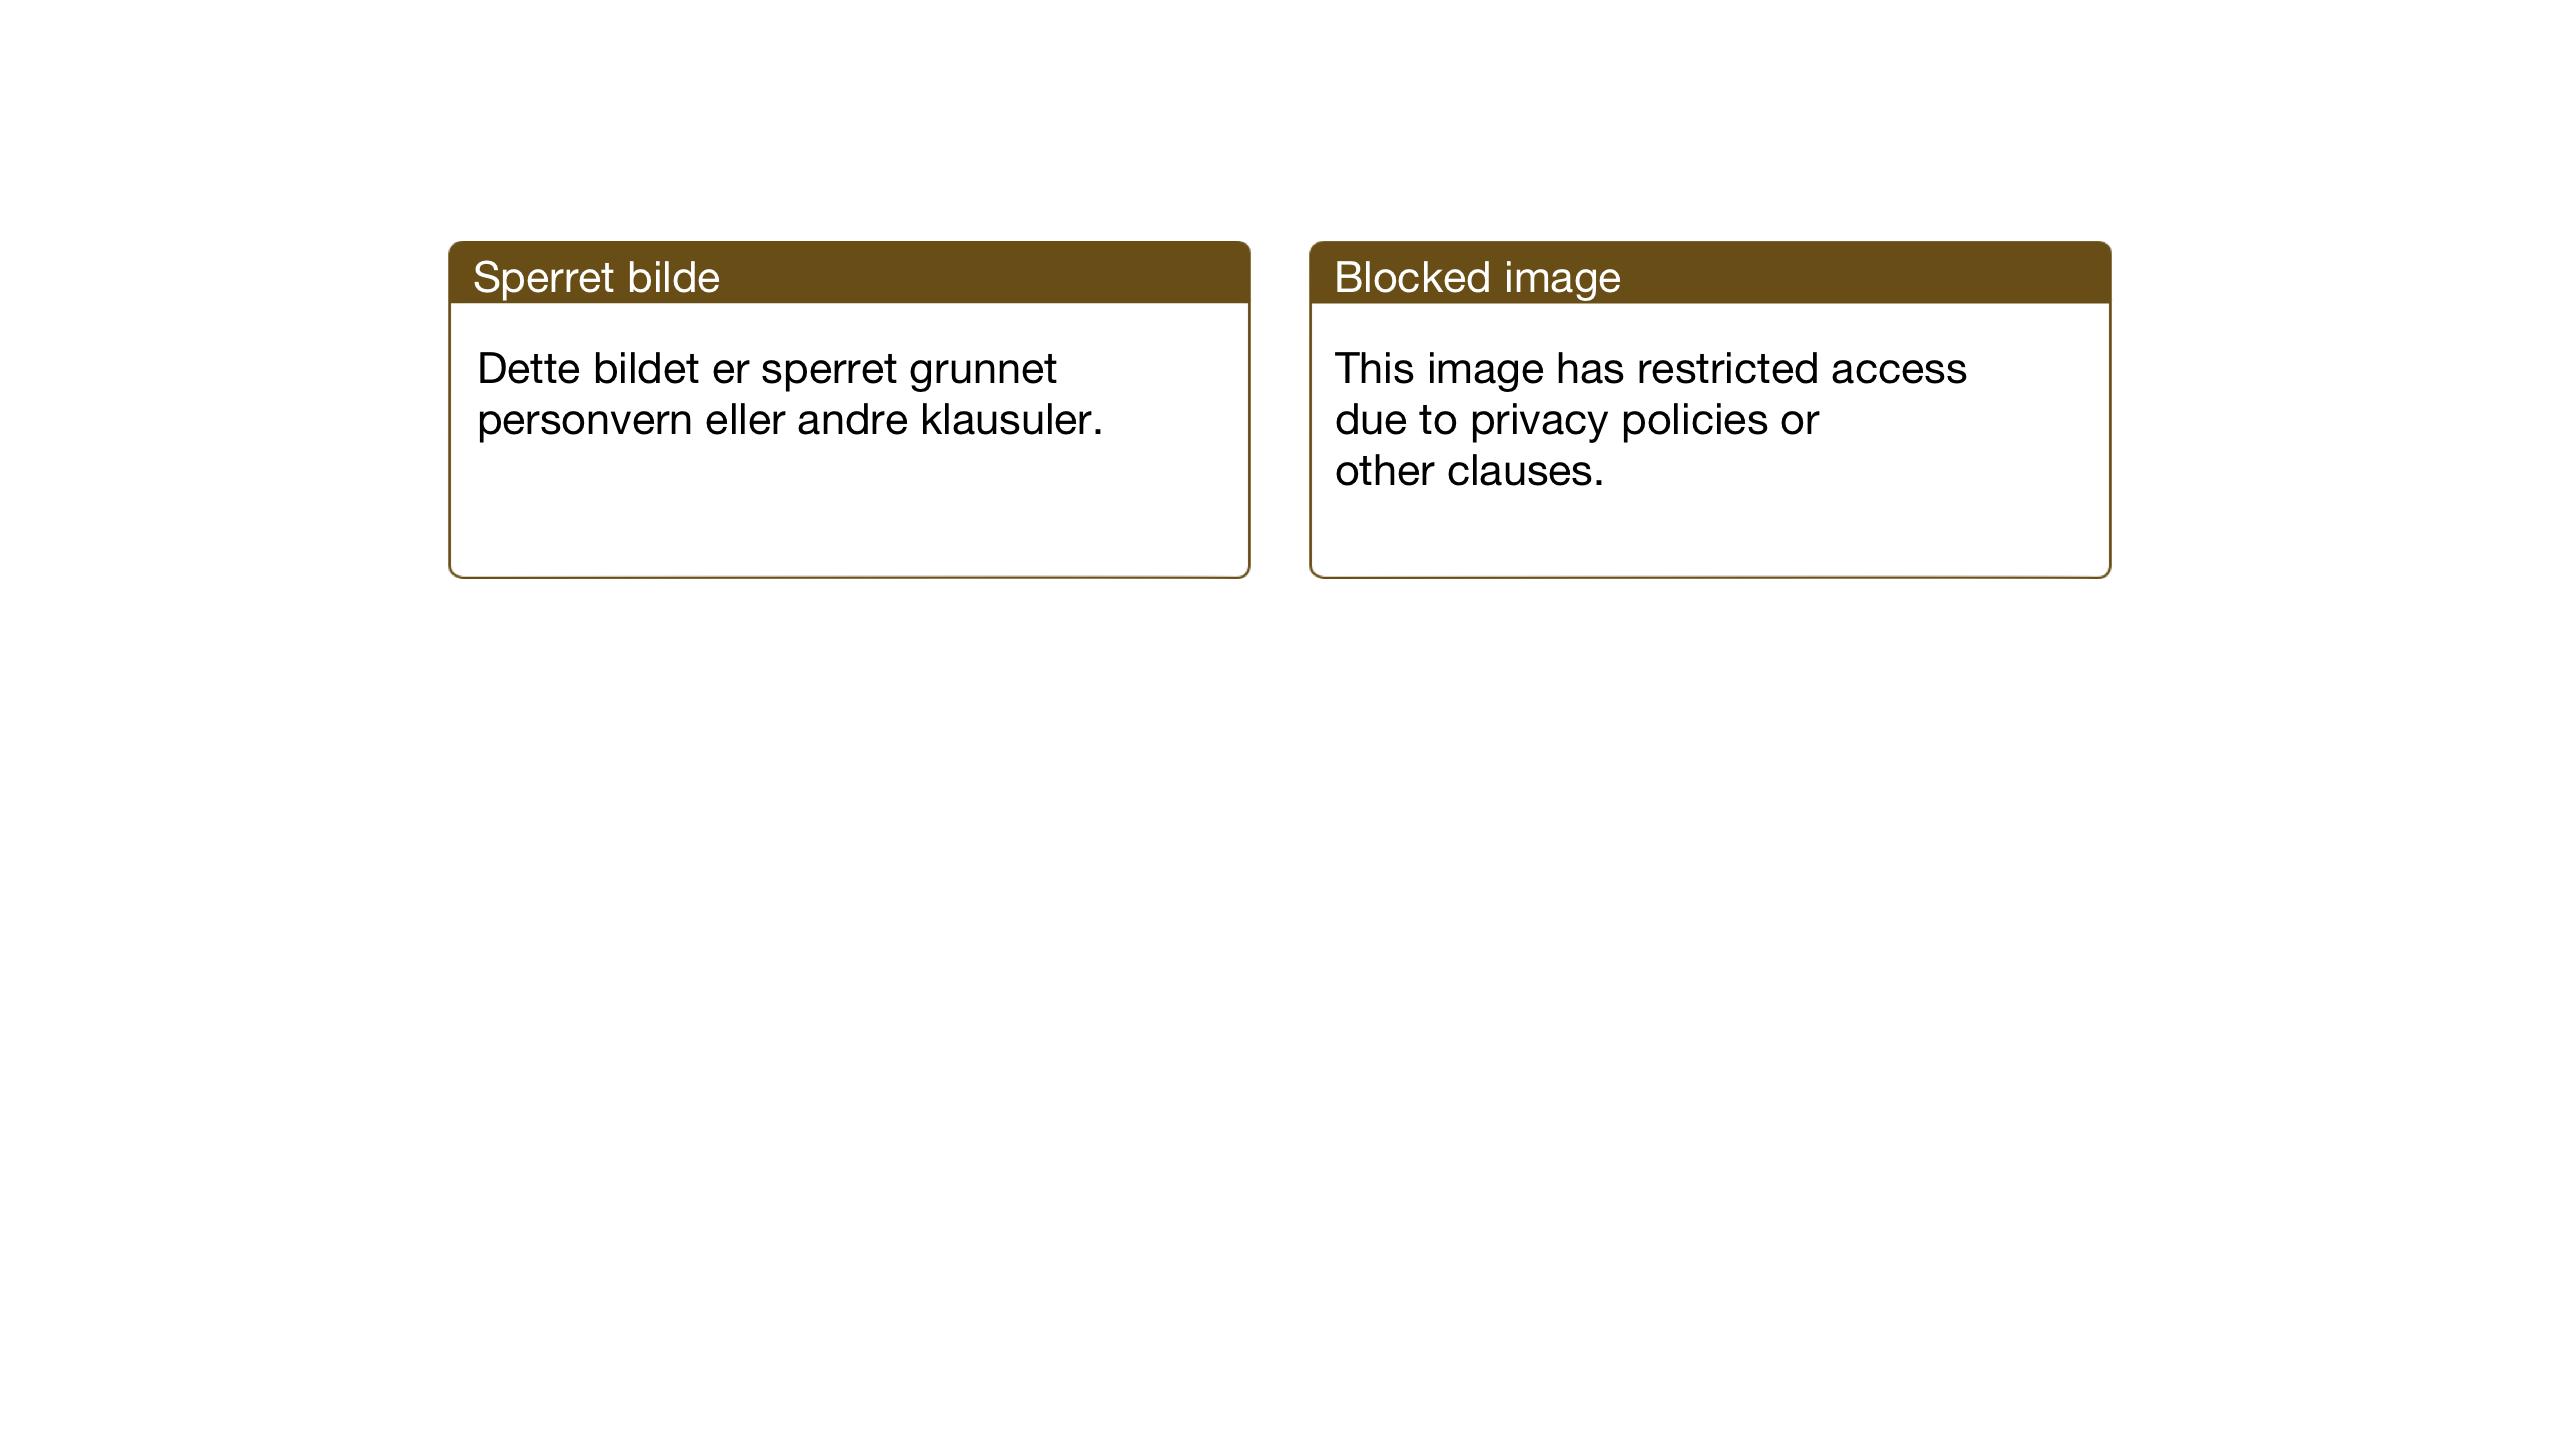 SAT, Ministerialprotokoller, klokkerbøker og fødselsregistre - Nord-Trøndelag, 722/L0227: Klokkerbok nr. 722C03, 1928-1958, s. 14